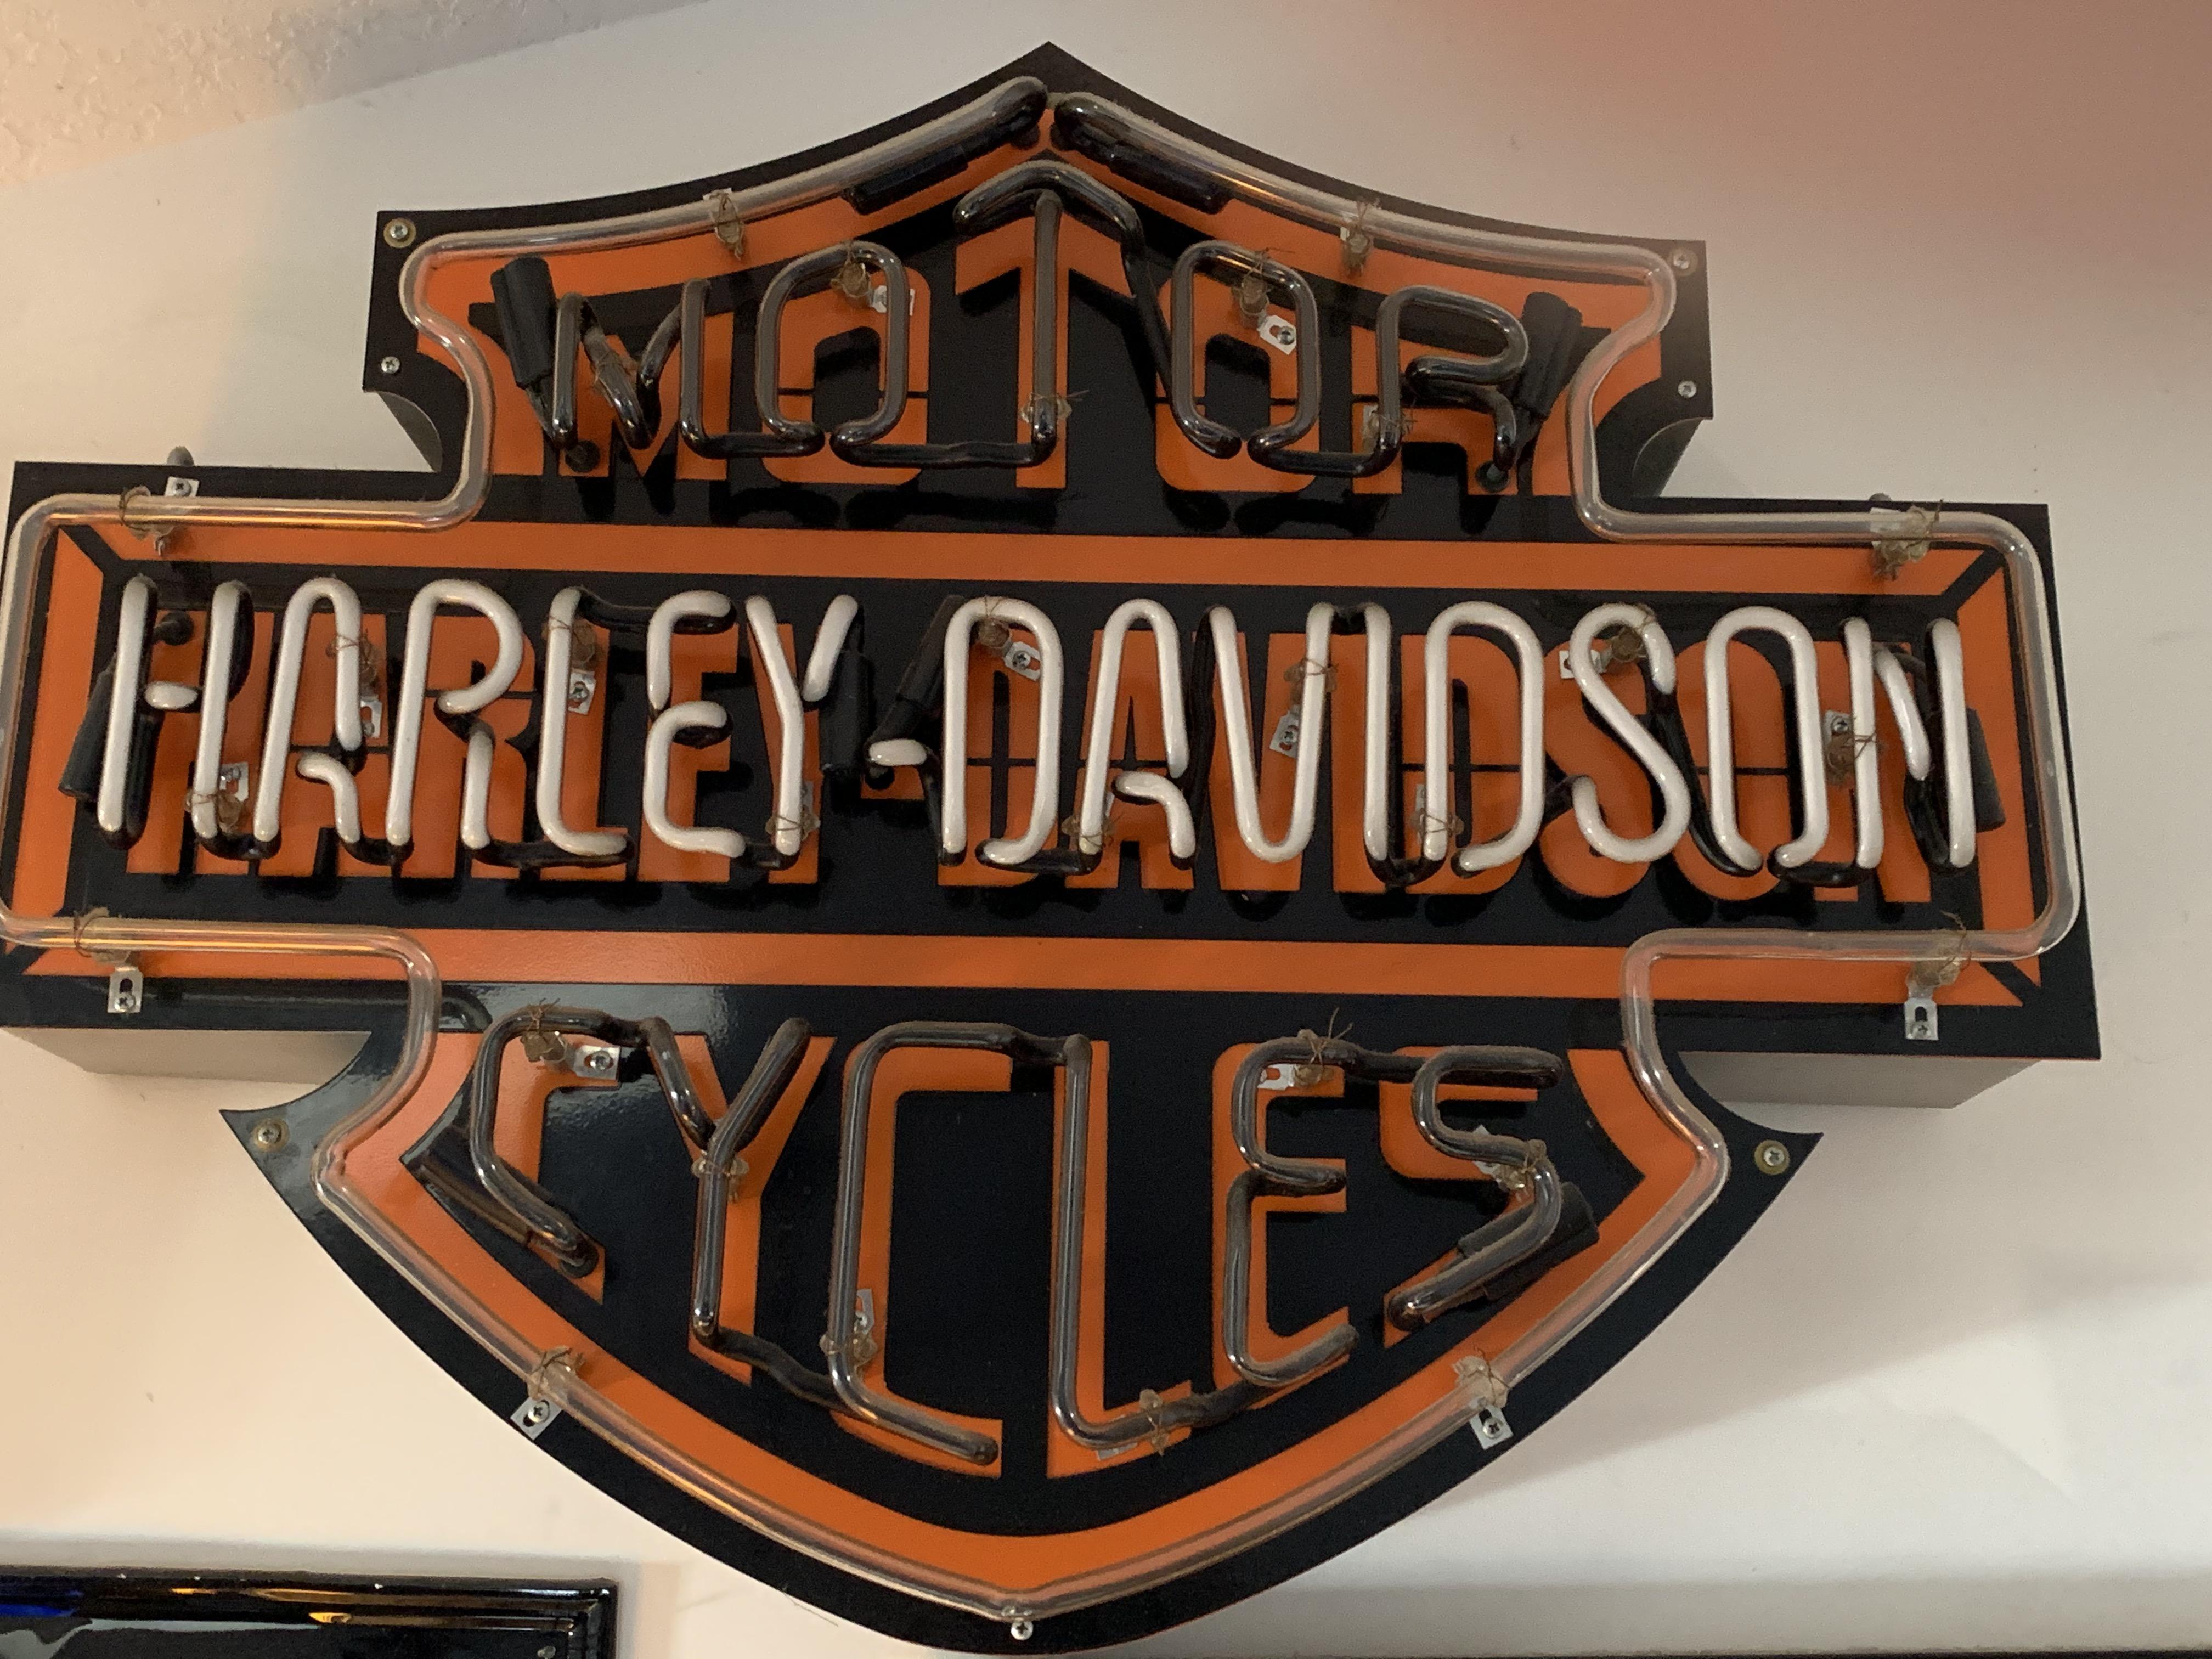 HARLEY DAVIDSON DEALERSHIP NEON SIGN